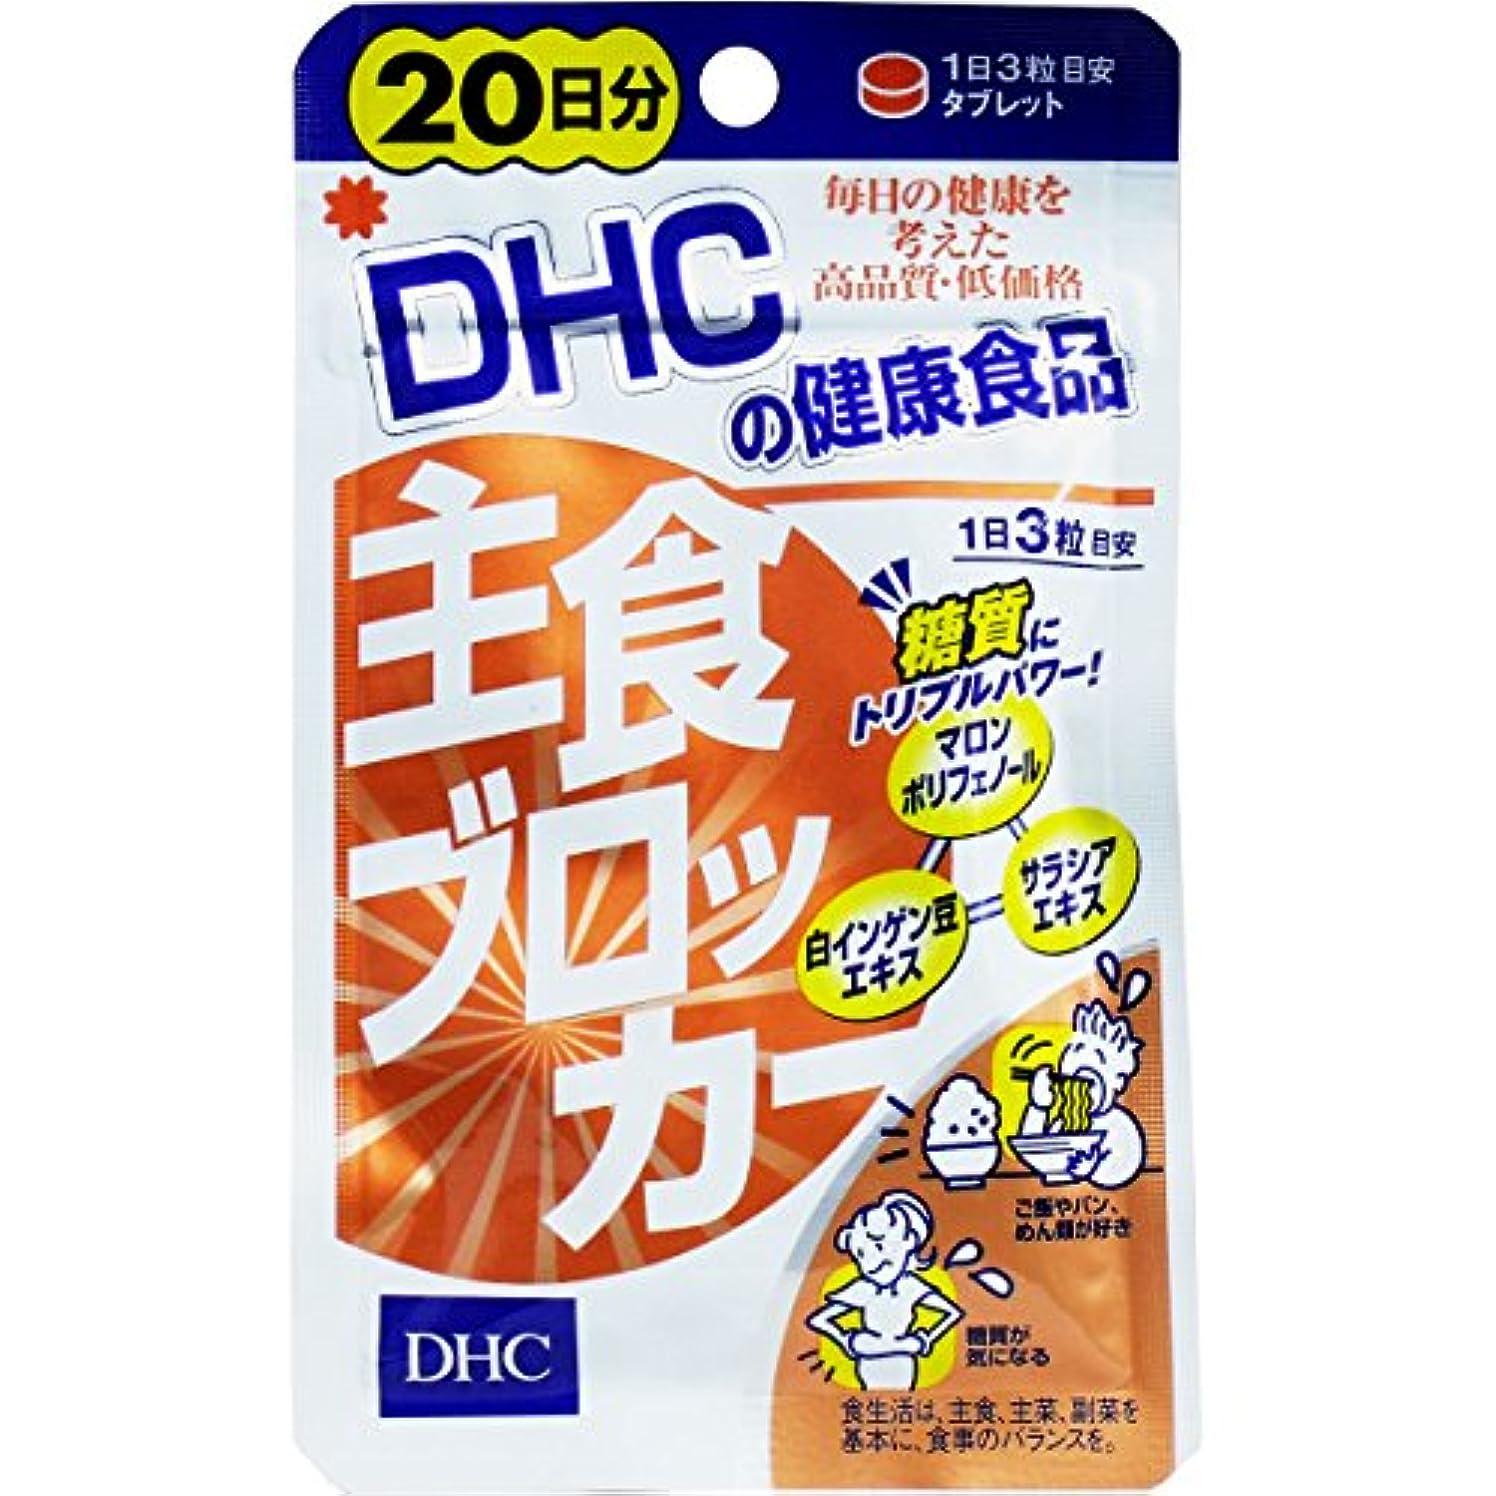 困惑する祝福つかまえるDHC 主食ブロッカー 20日分 60粒(12g) ×4個セット